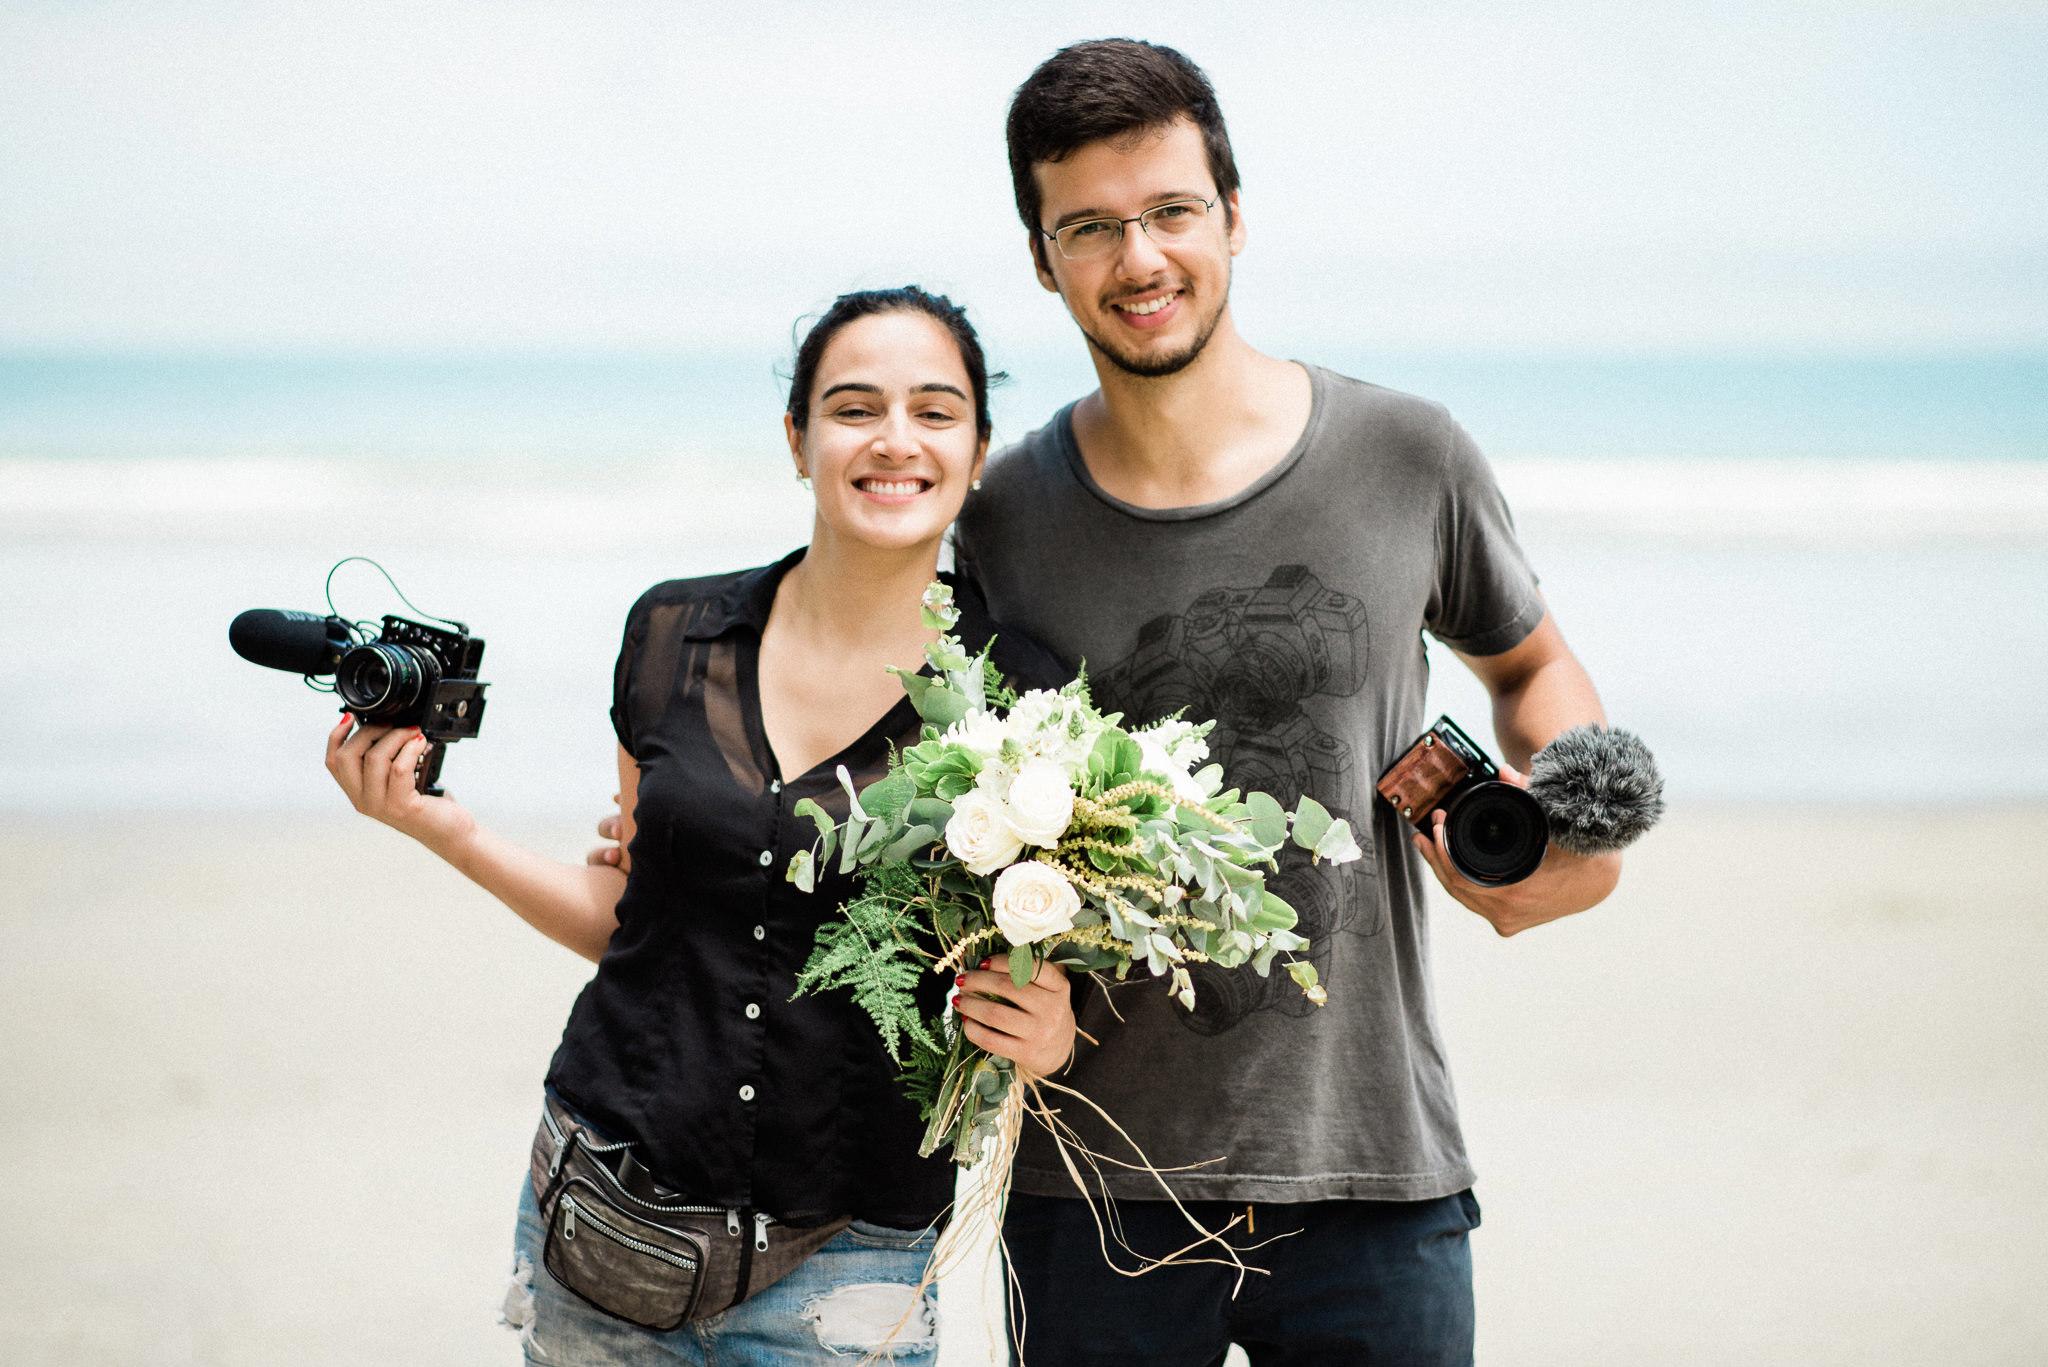 Contate Anne Filmes - Produtora de vídeo de casamento e histórias de amor